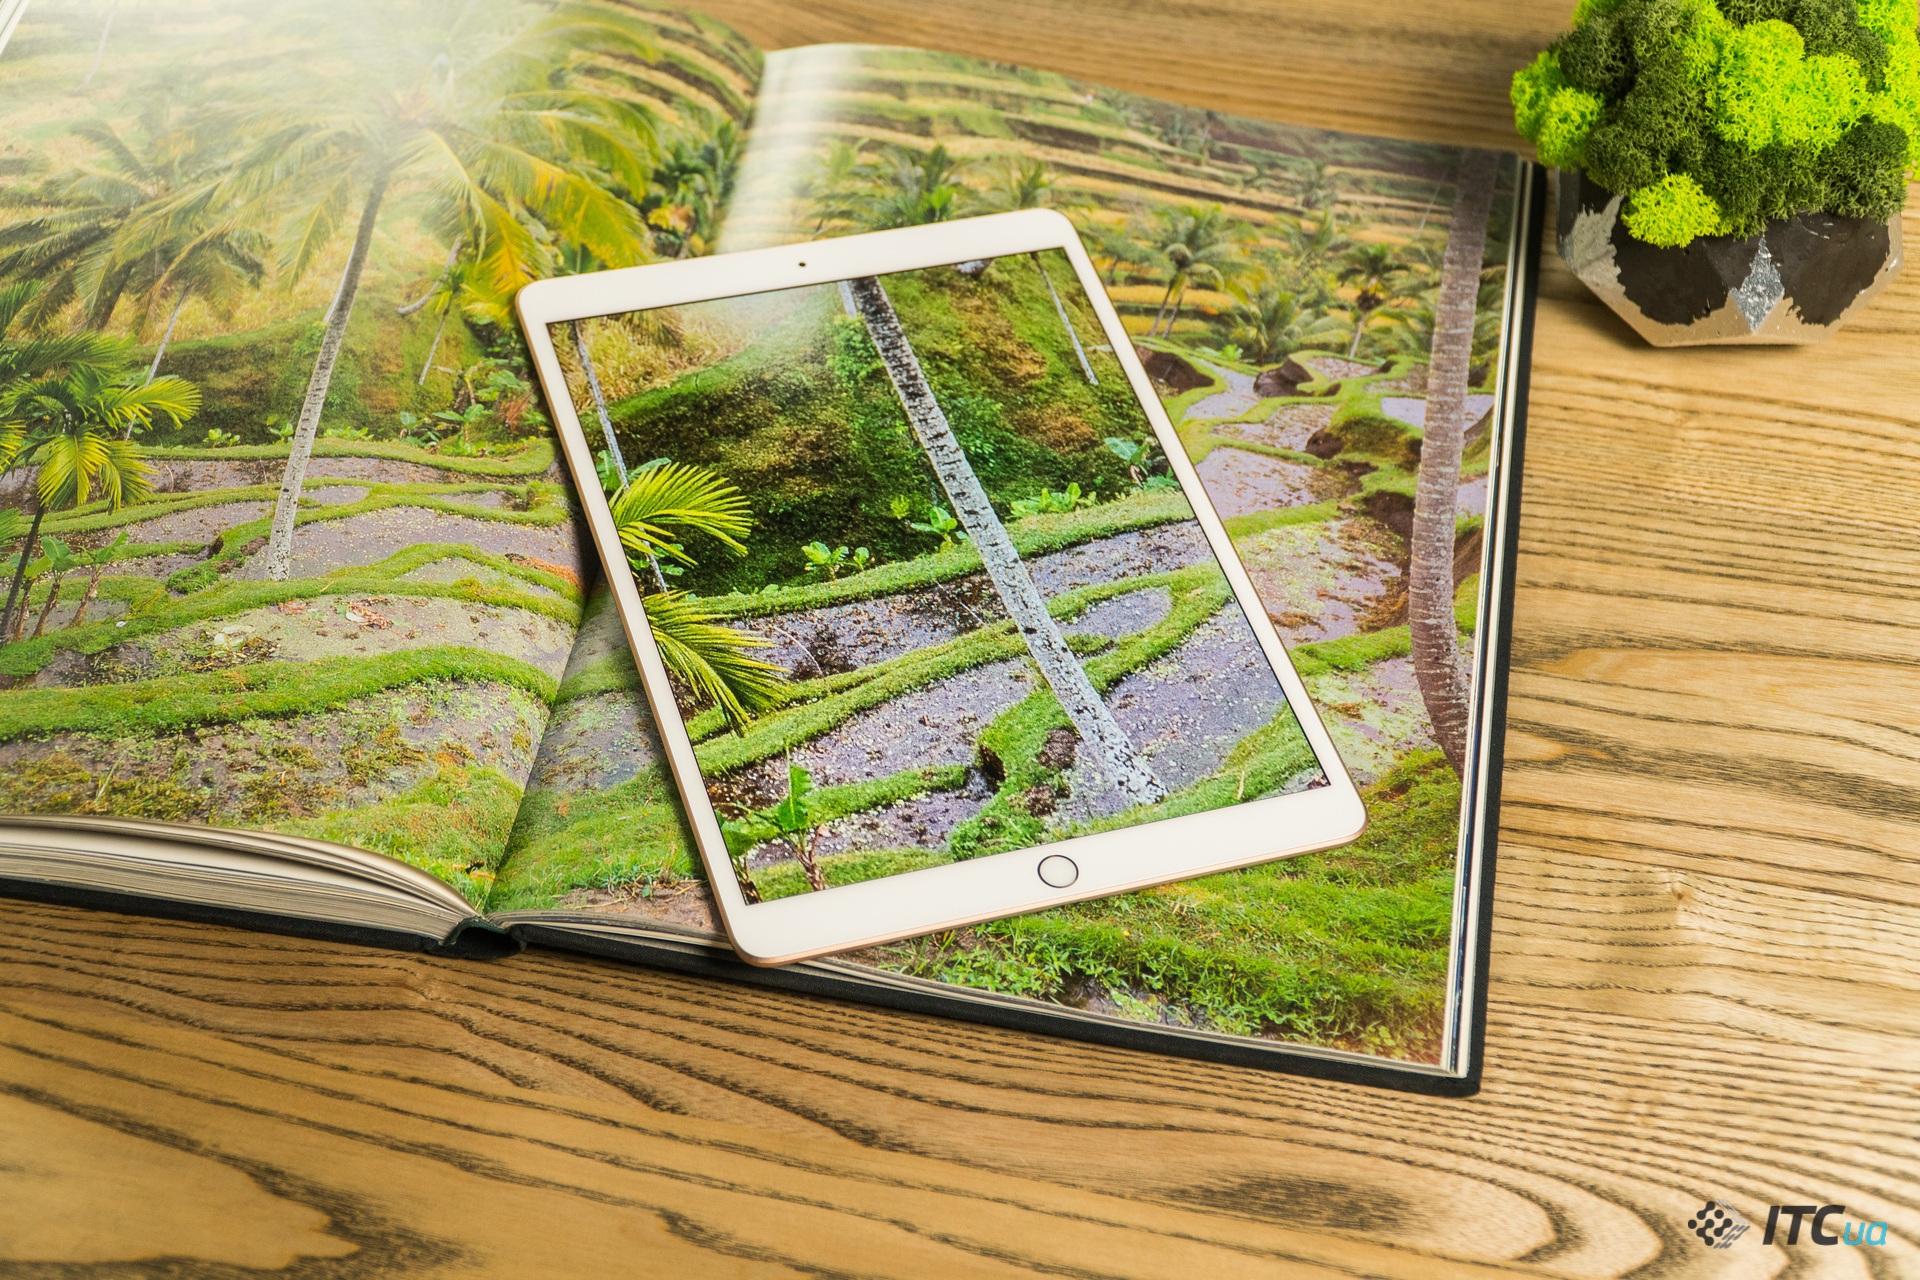 iPad Air 2019: проще «прошки» 2017 года, но быстрее